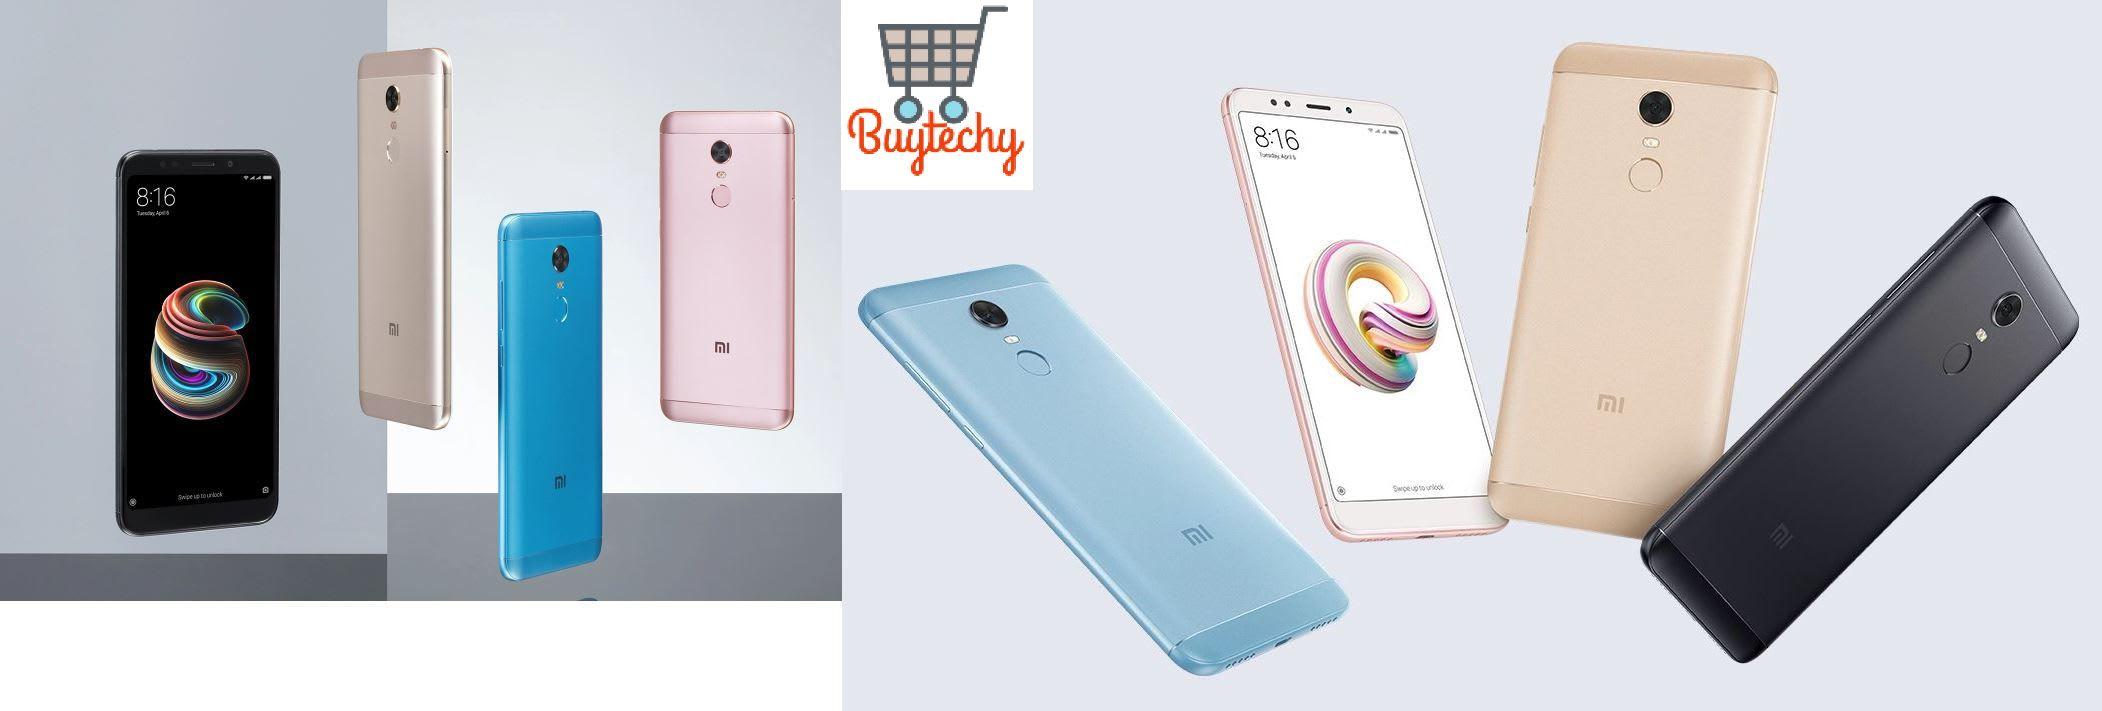 Best Budget Smartphone Under Rs 10000 Redmi Note 5